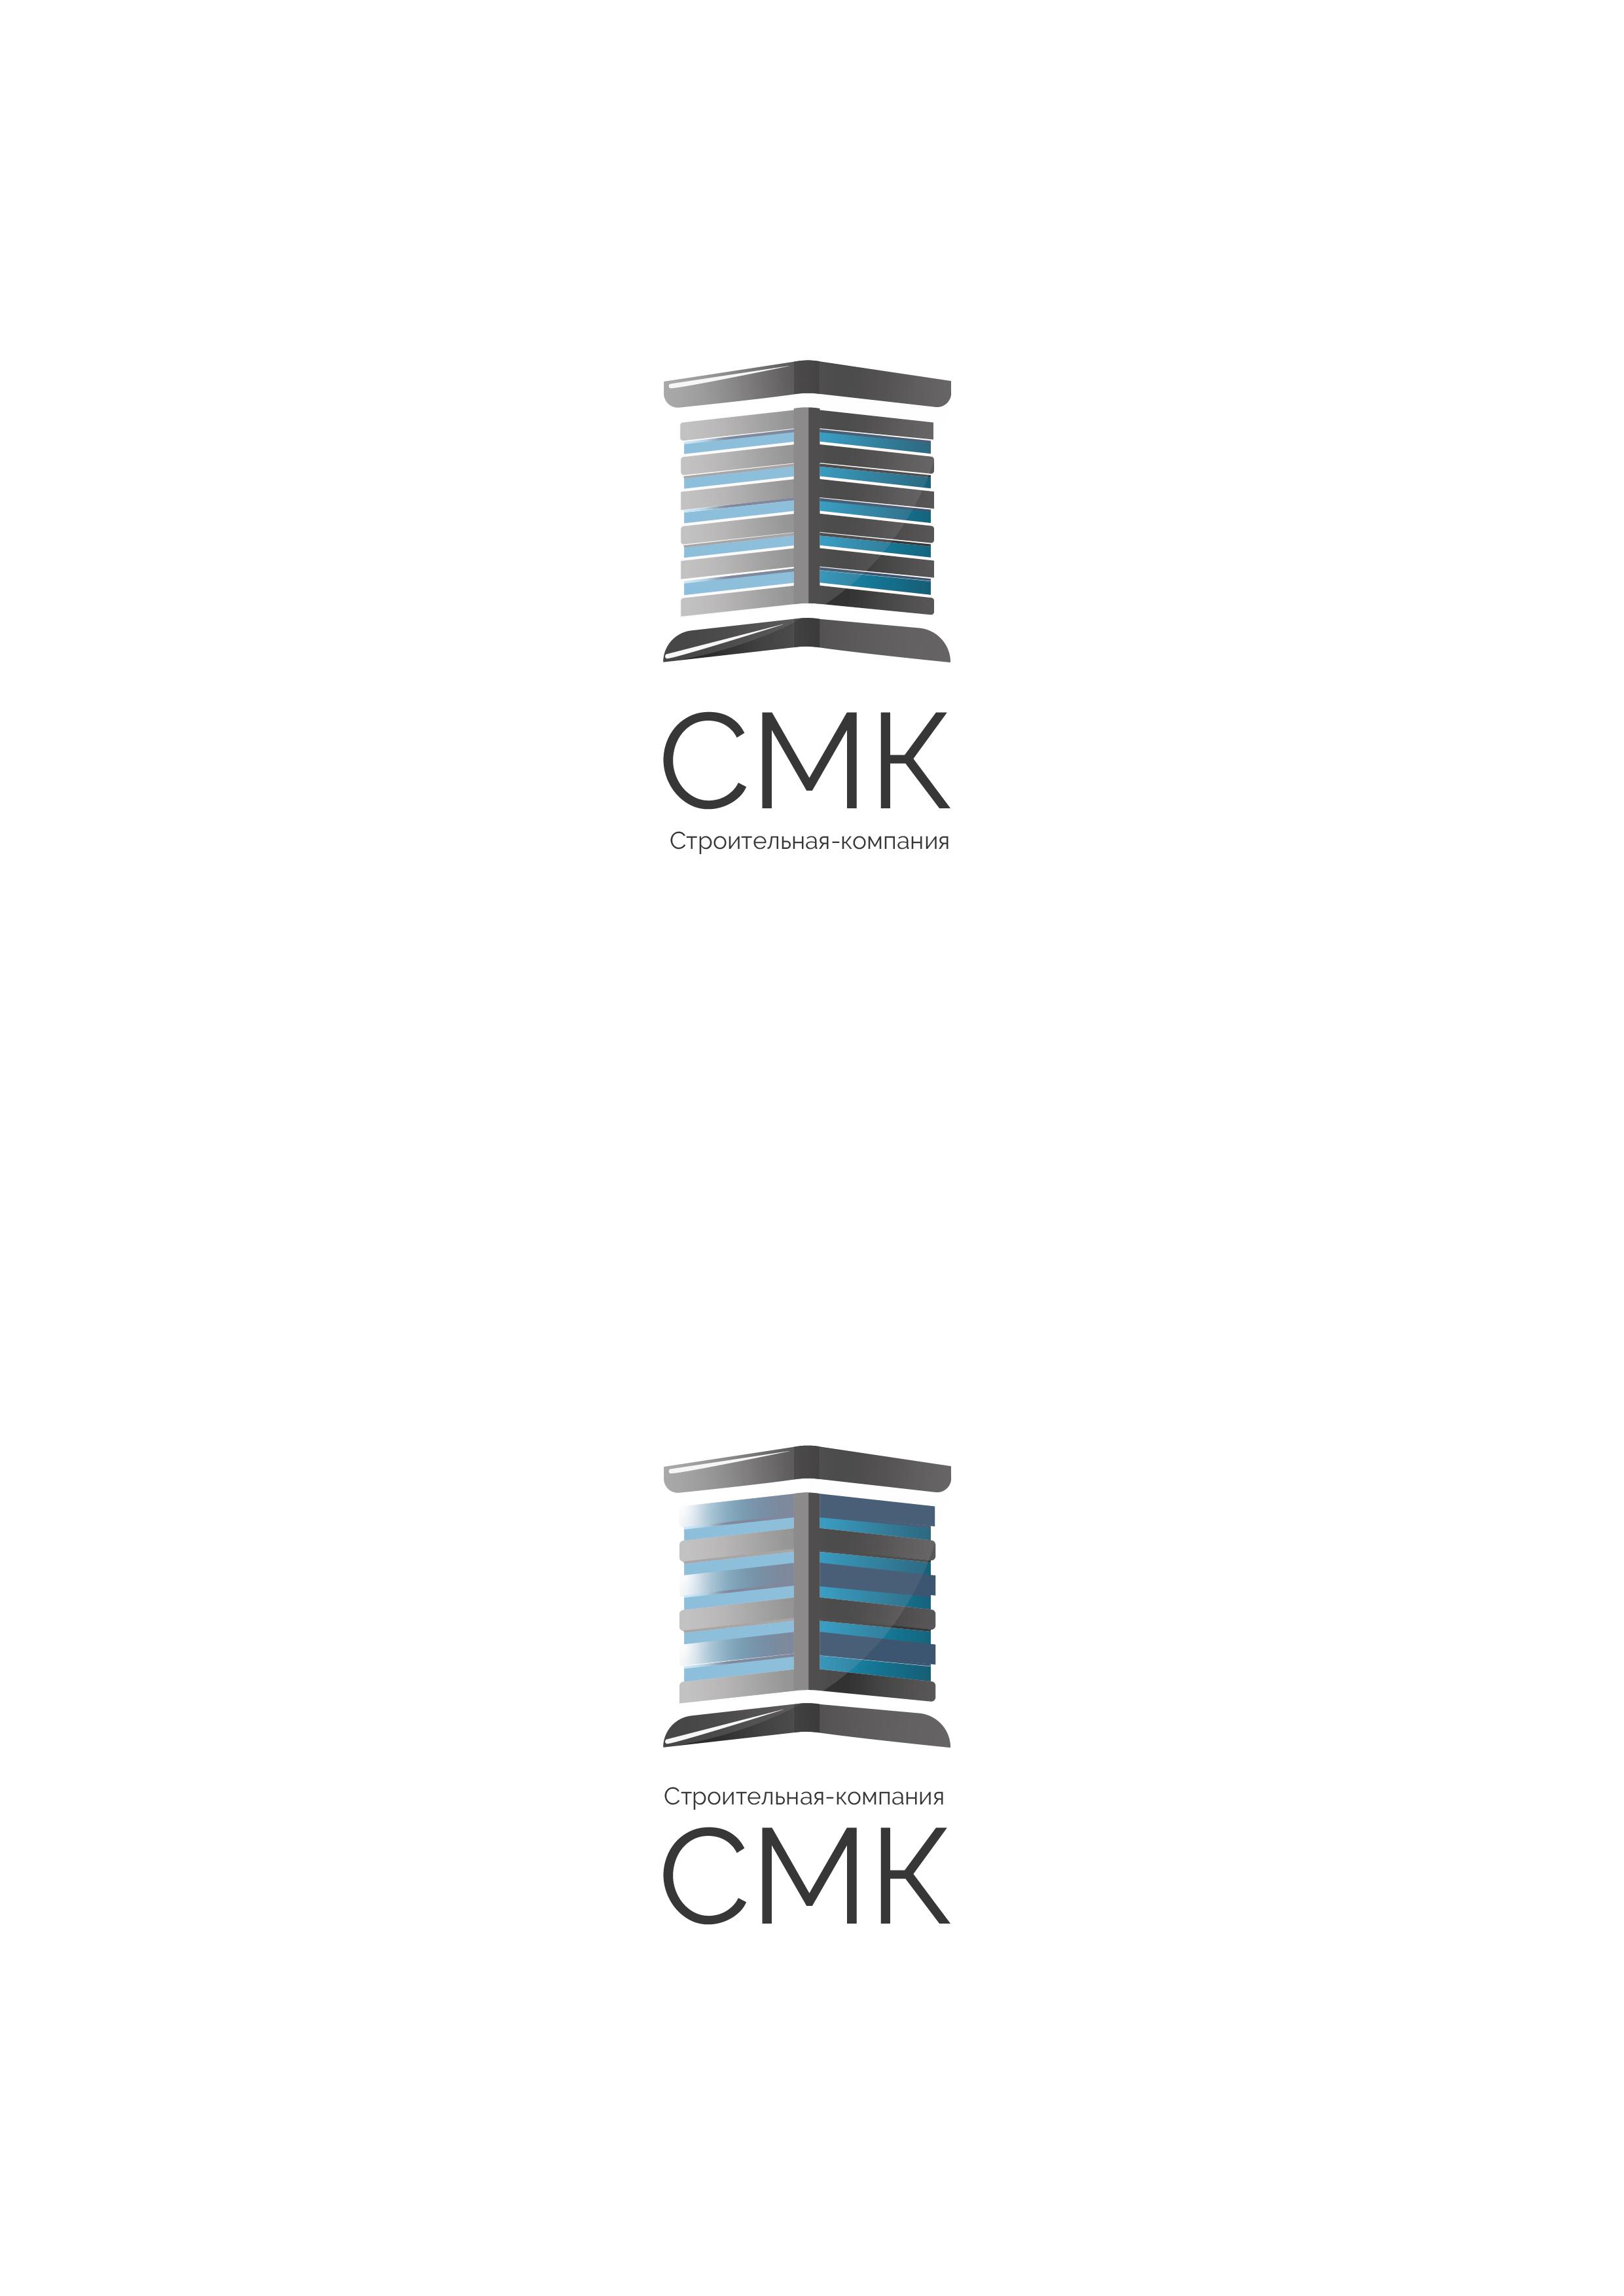 Разработка логотипа компании фото f_2315dc6b77c0fe26.jpg